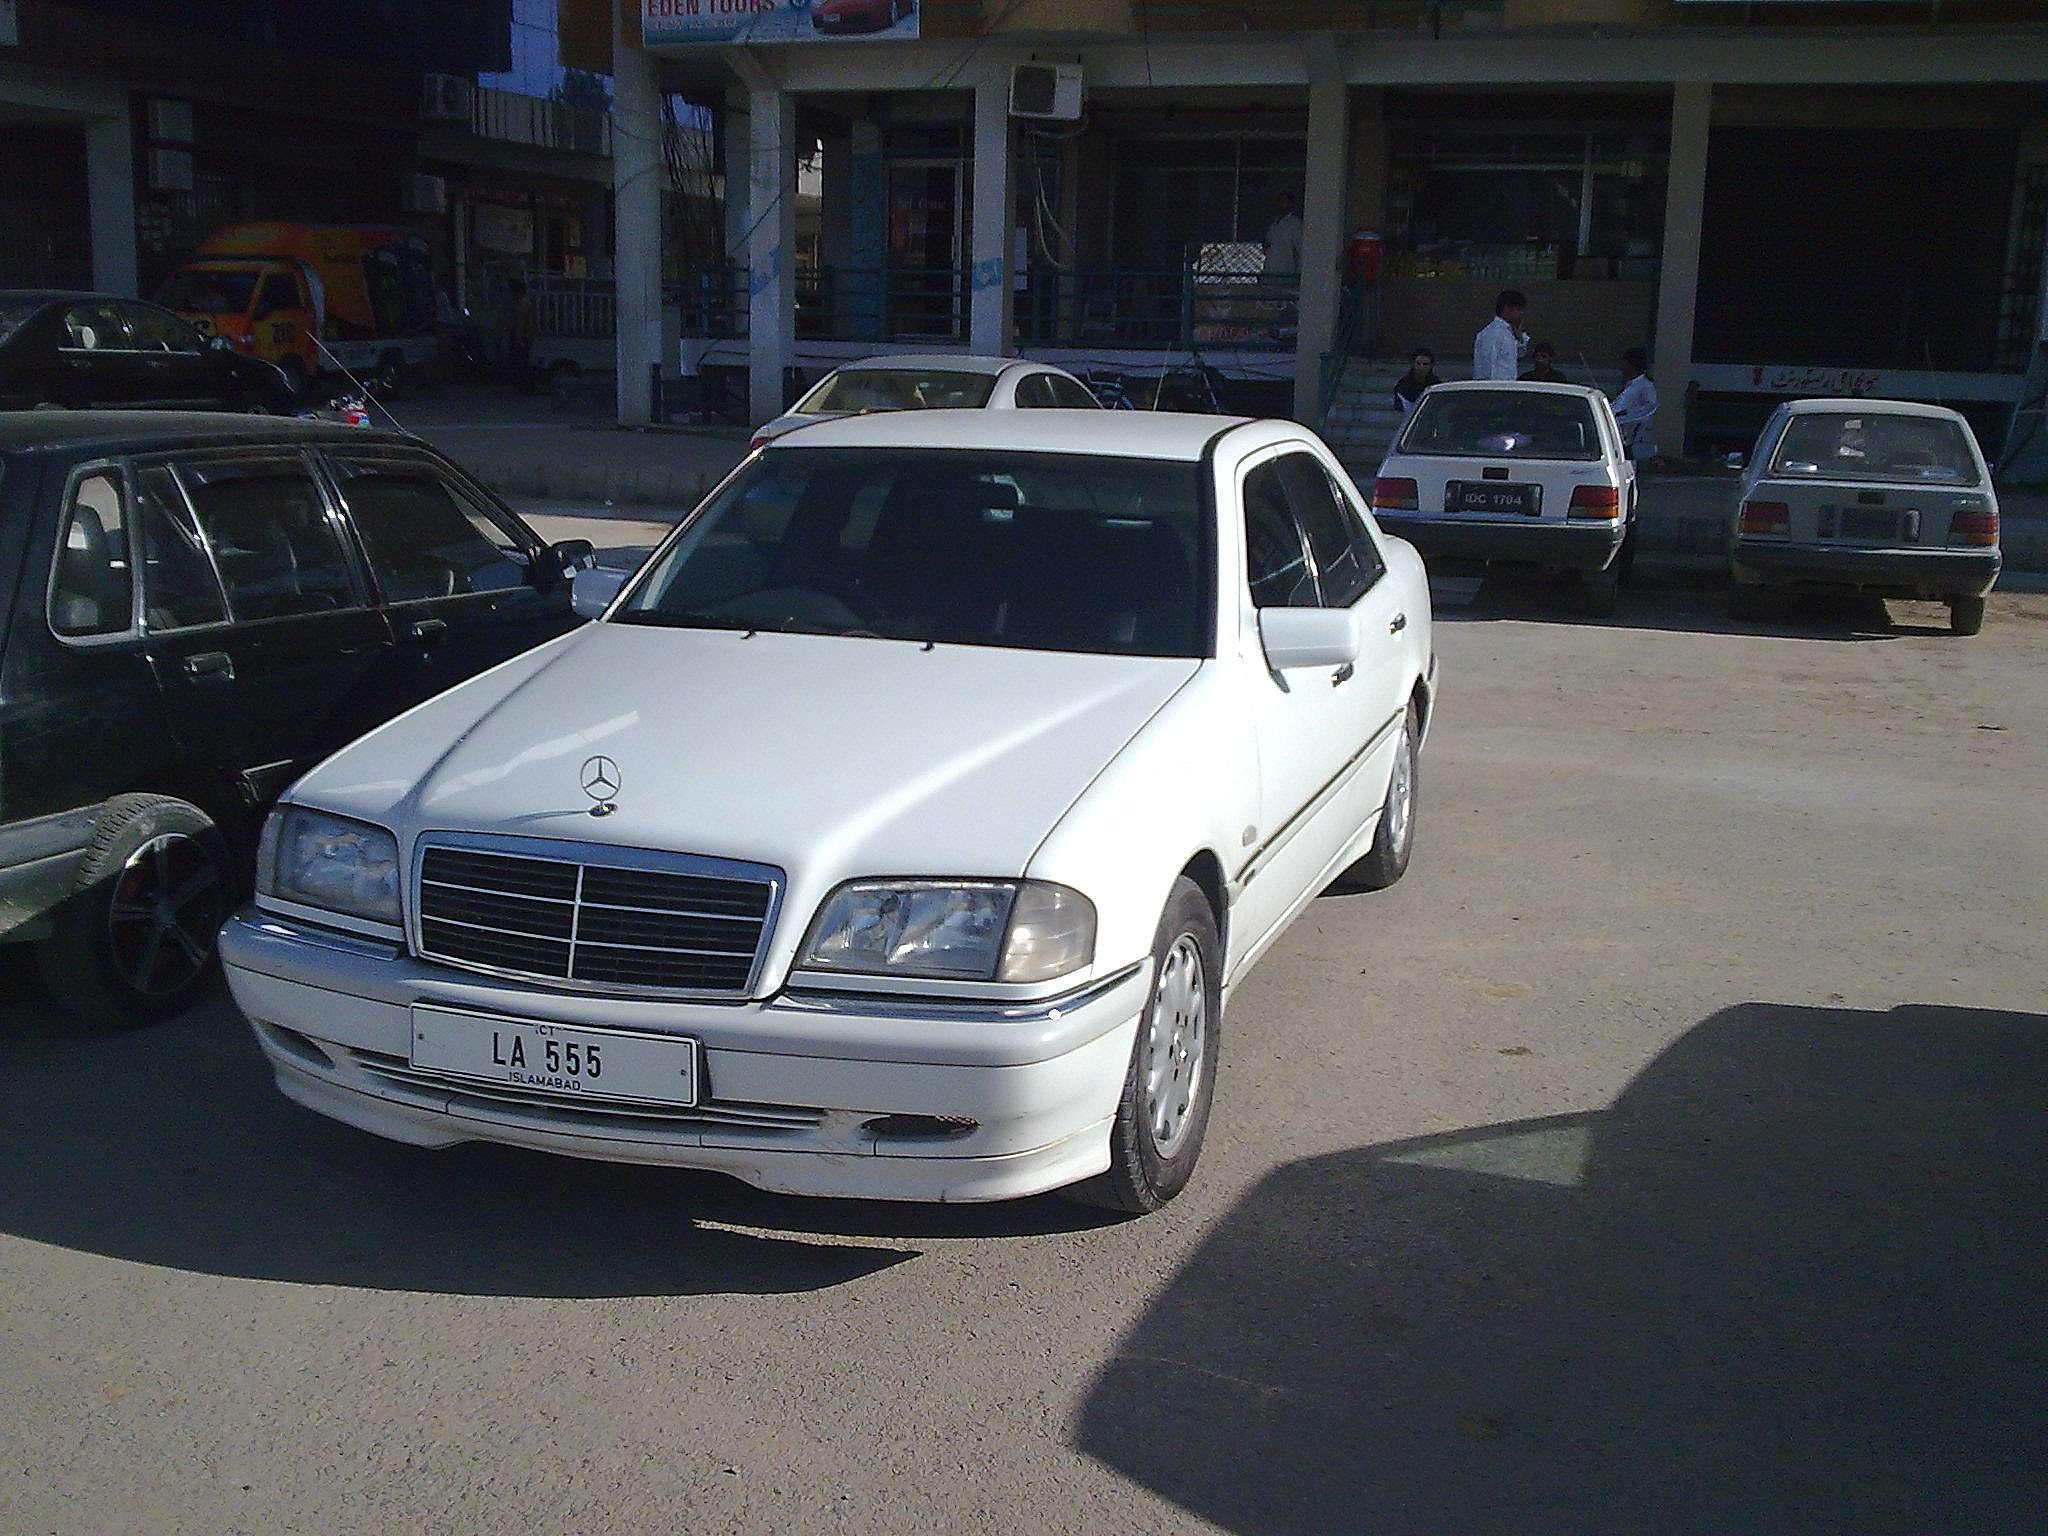 Mercedes benz c class 1998 of shoeblodhi member ride for Mercedes benz c class 1998